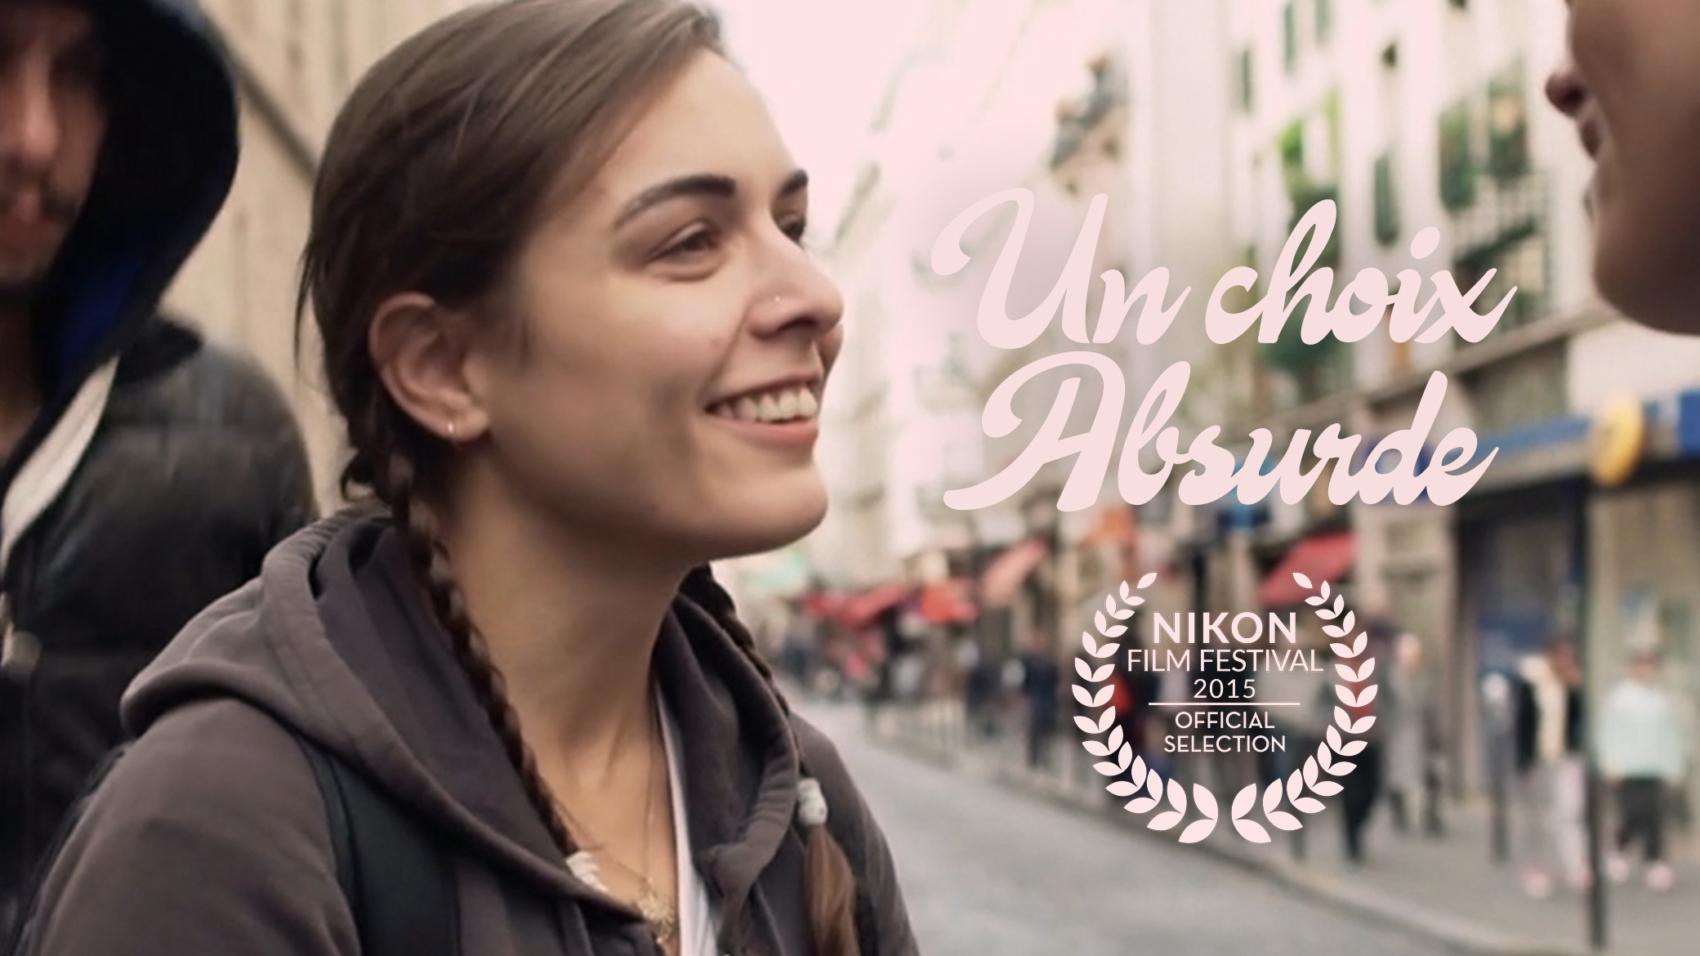 VIGNETTES_FILMS_choixabsurde